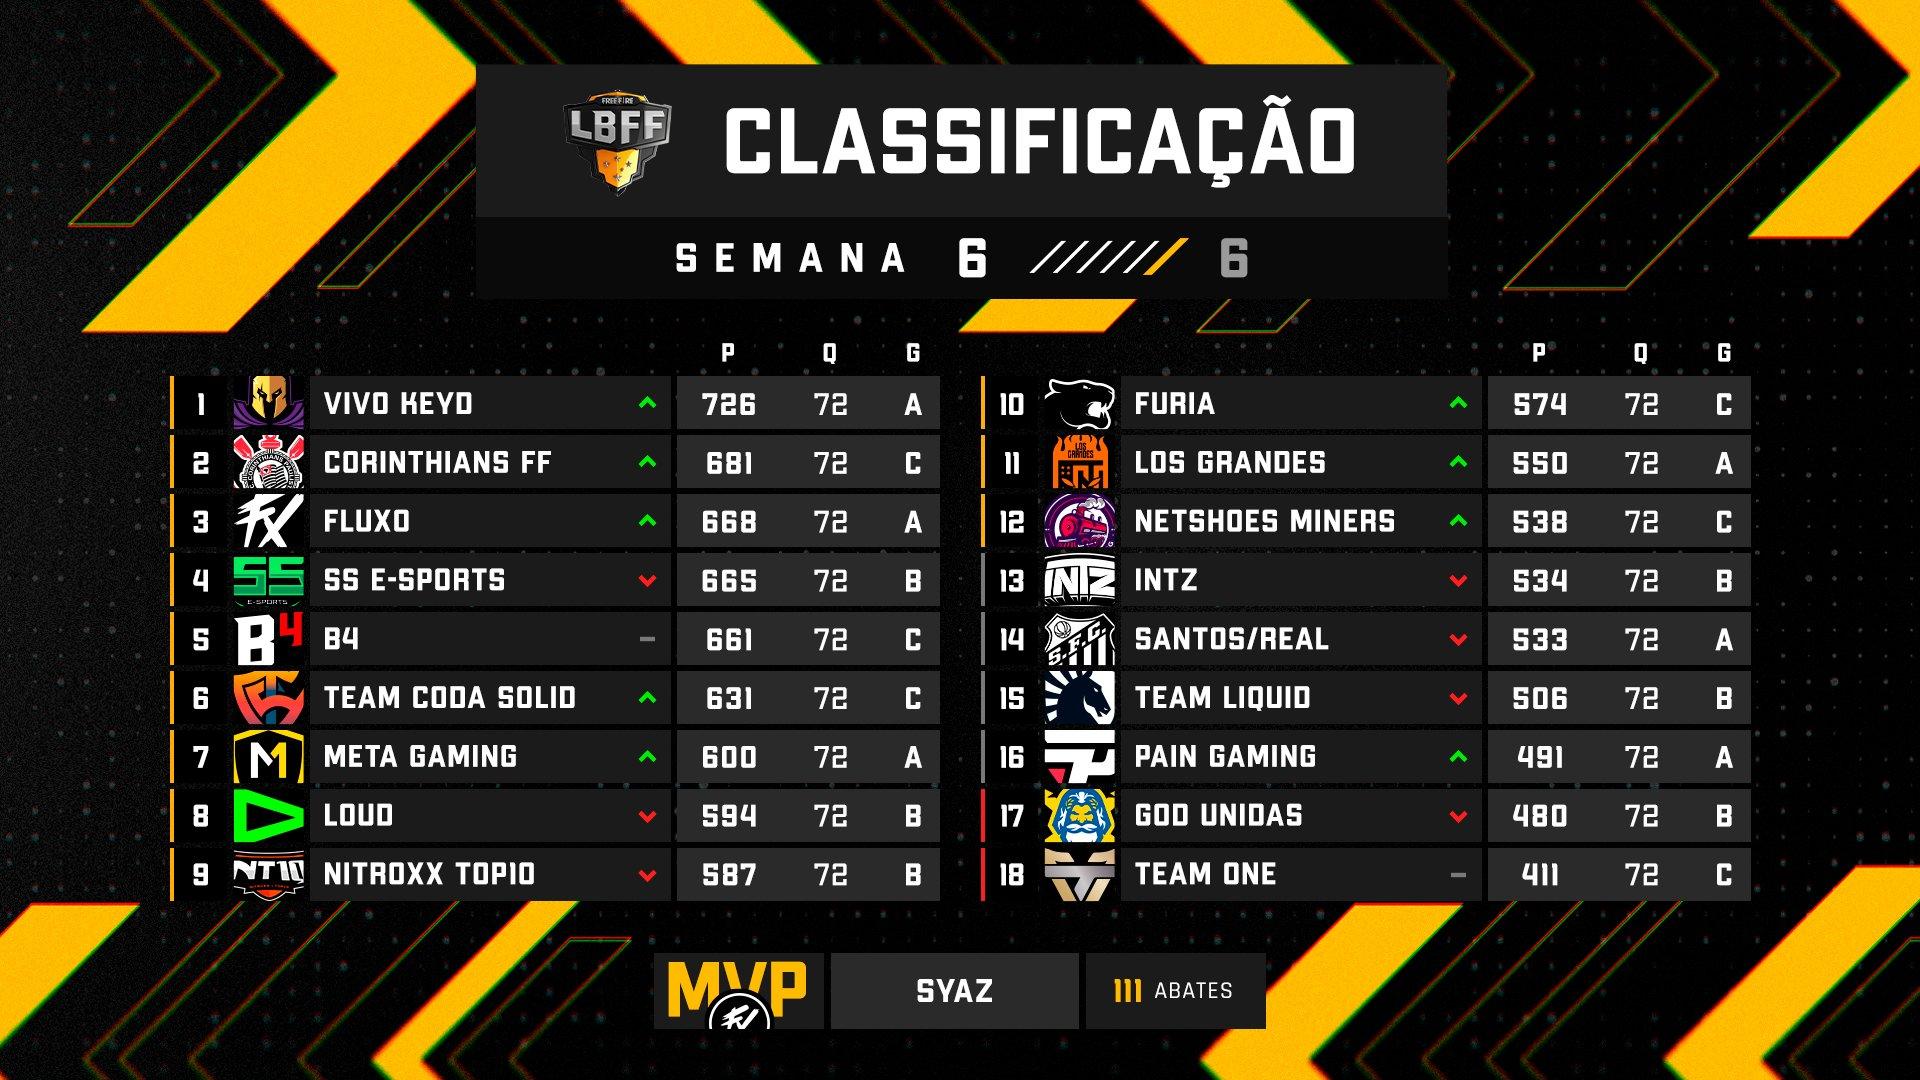 Tabela da 18º rodada da LBFF 5